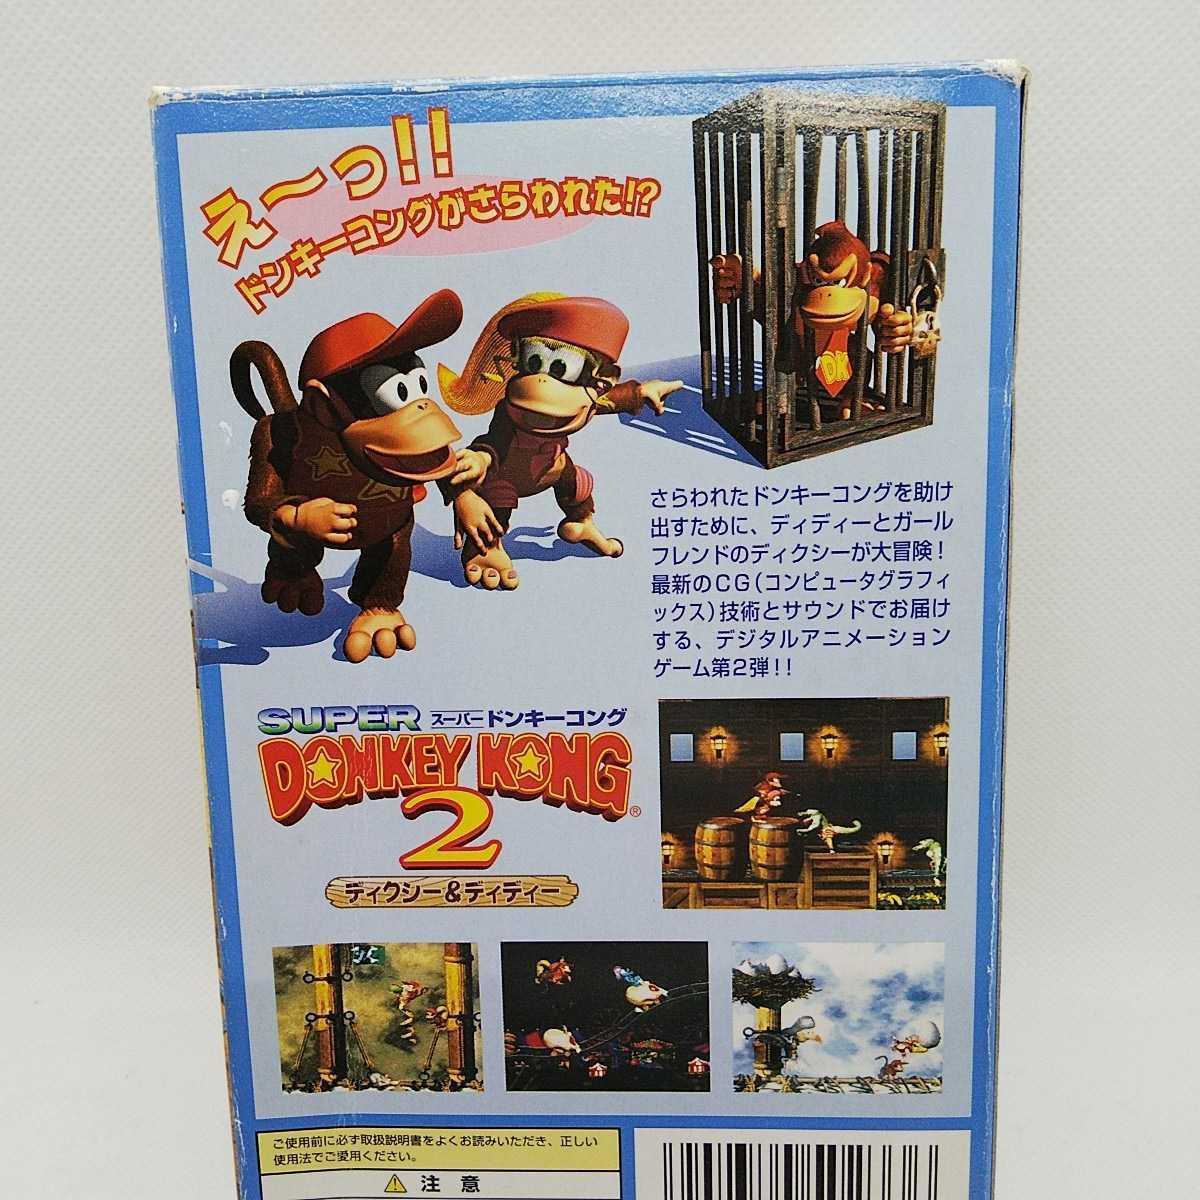 送料無料 スーパードンキーコング2 任天堂 スーパーファミコンソフト スーファミ 動作確認済み 箱 取扱説明書 操作方法カード付き